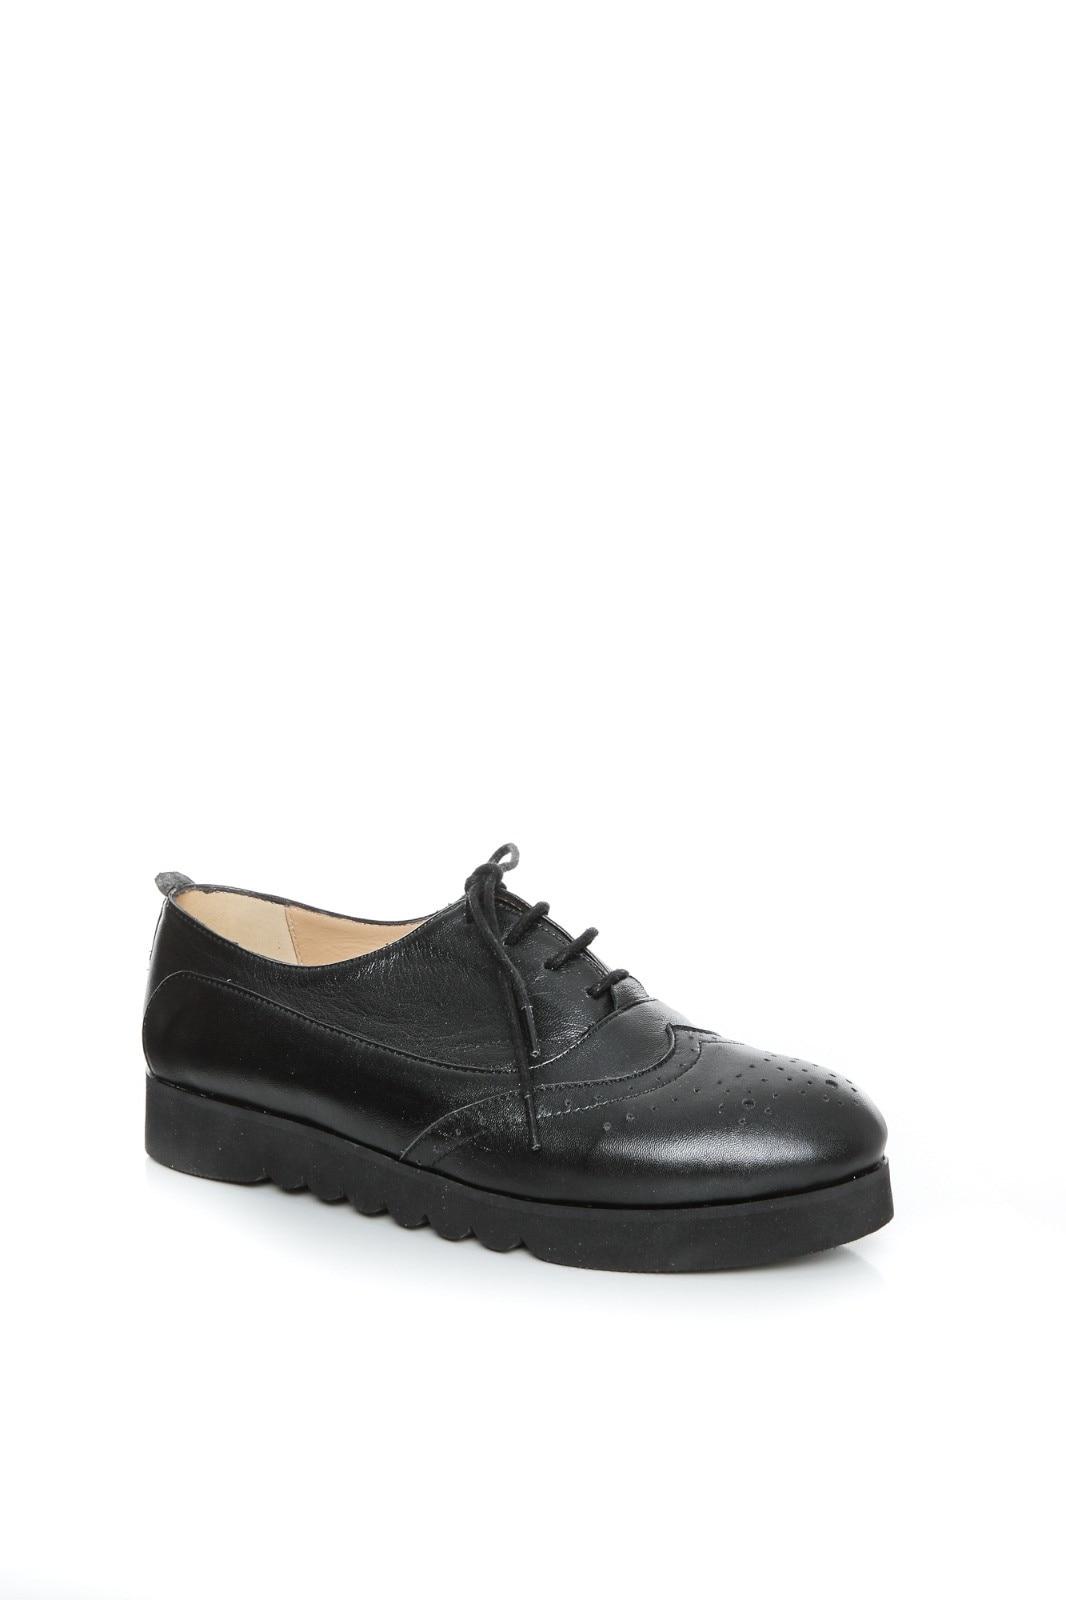 oficial listă nouă cele mai bune oferte Pantofi dama din piele Oxford, Ana, Negri, Marime 39 - eMAG.ro